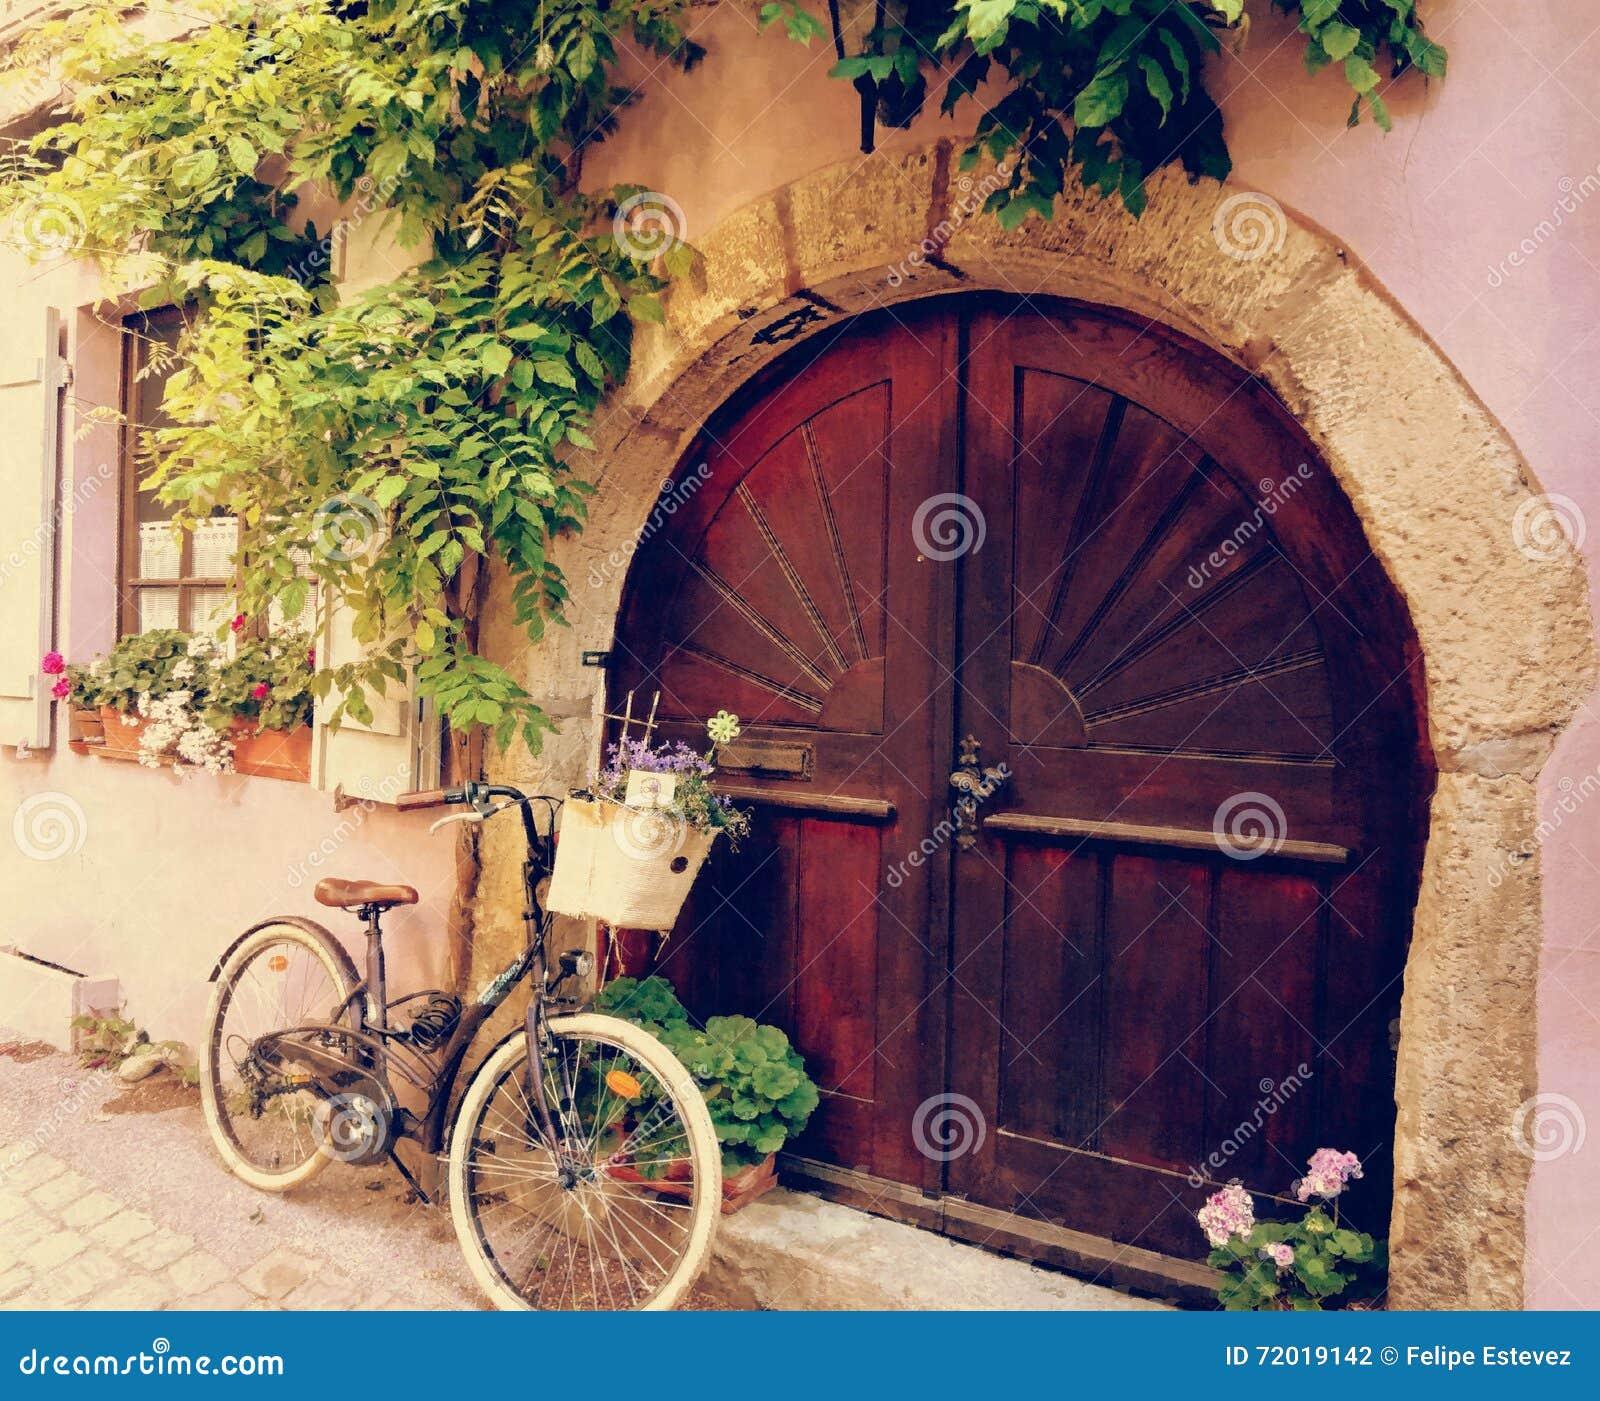 A bicycle in my door